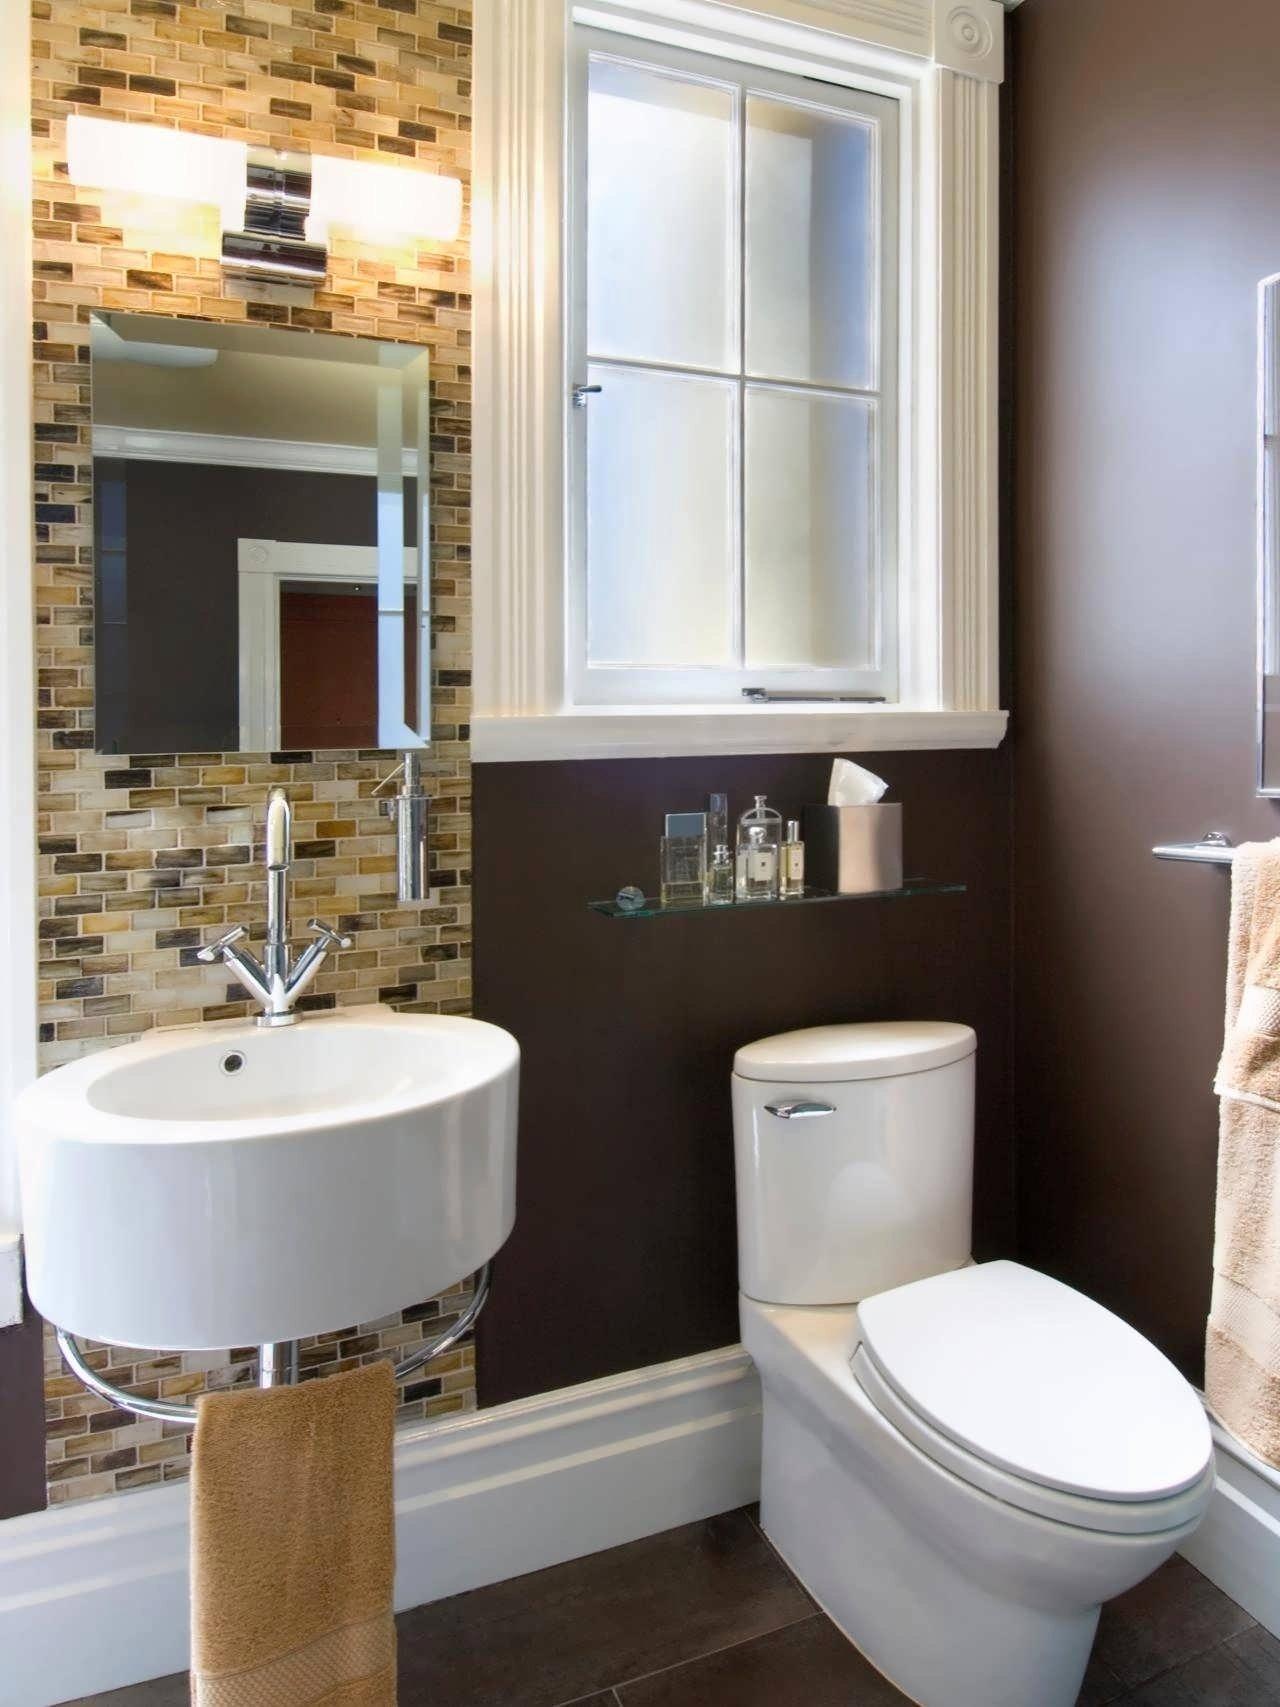 10 Unique Ideas For Small Bathroom Remodel small bathroom renovation ideas photos mediajoongdok 2021